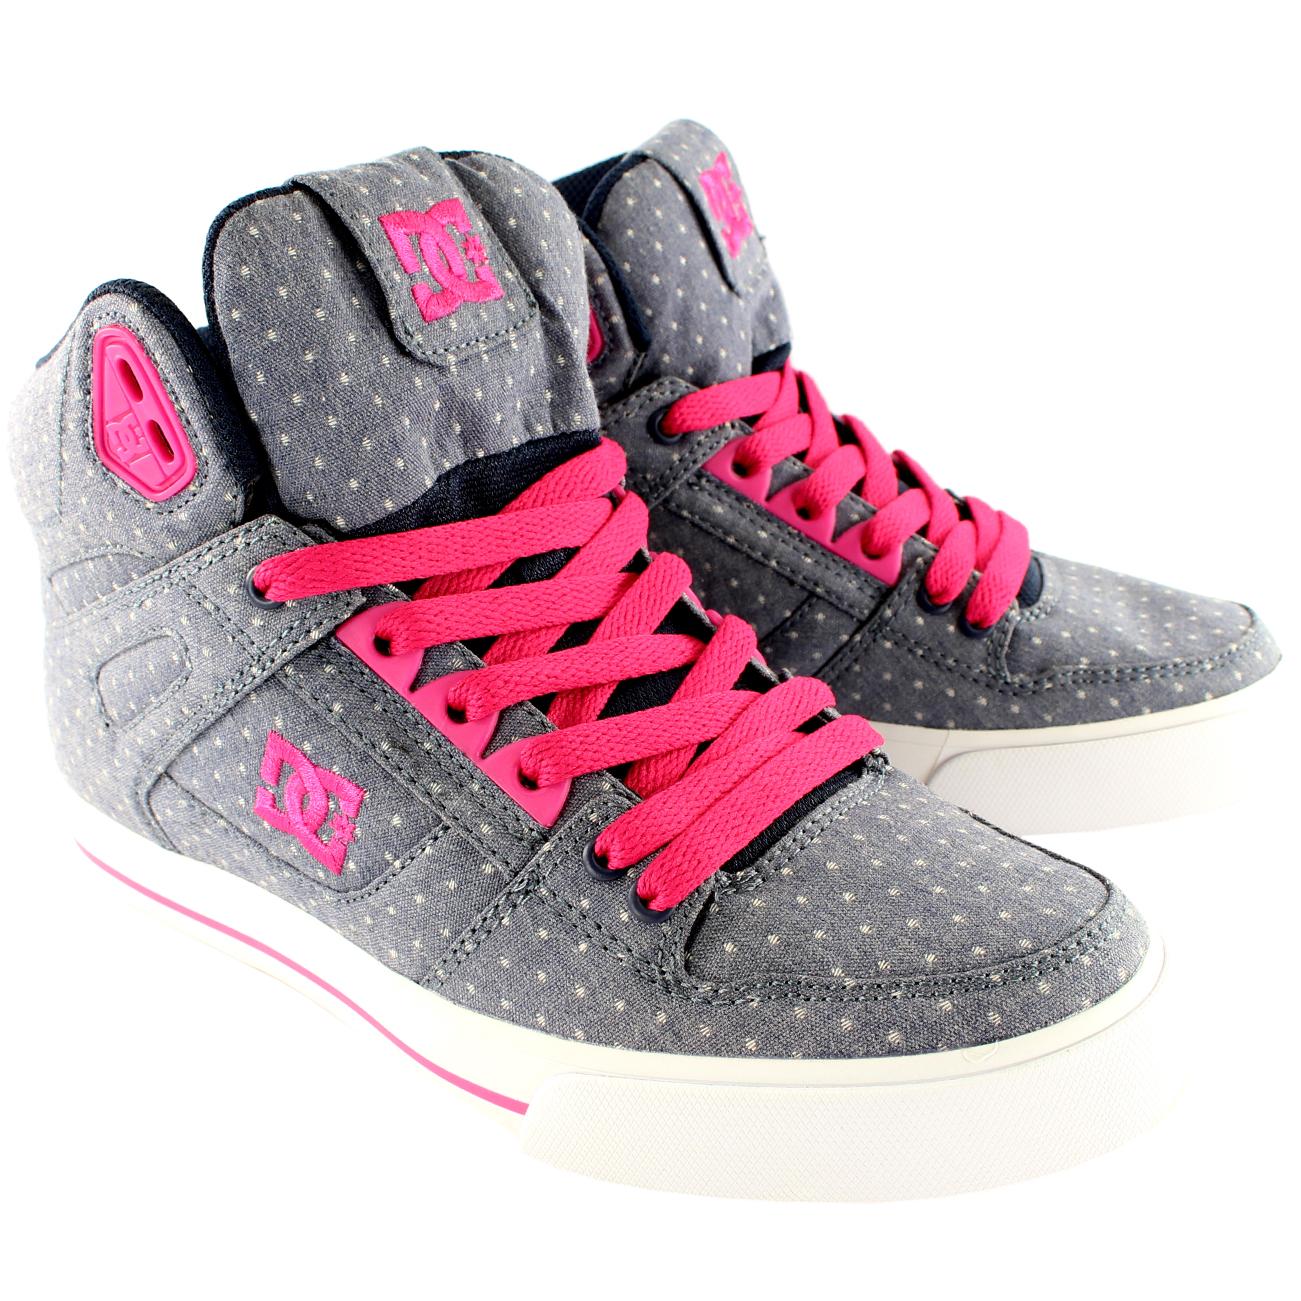 DC Shoes Spartan High TX High Top Skate Shoes